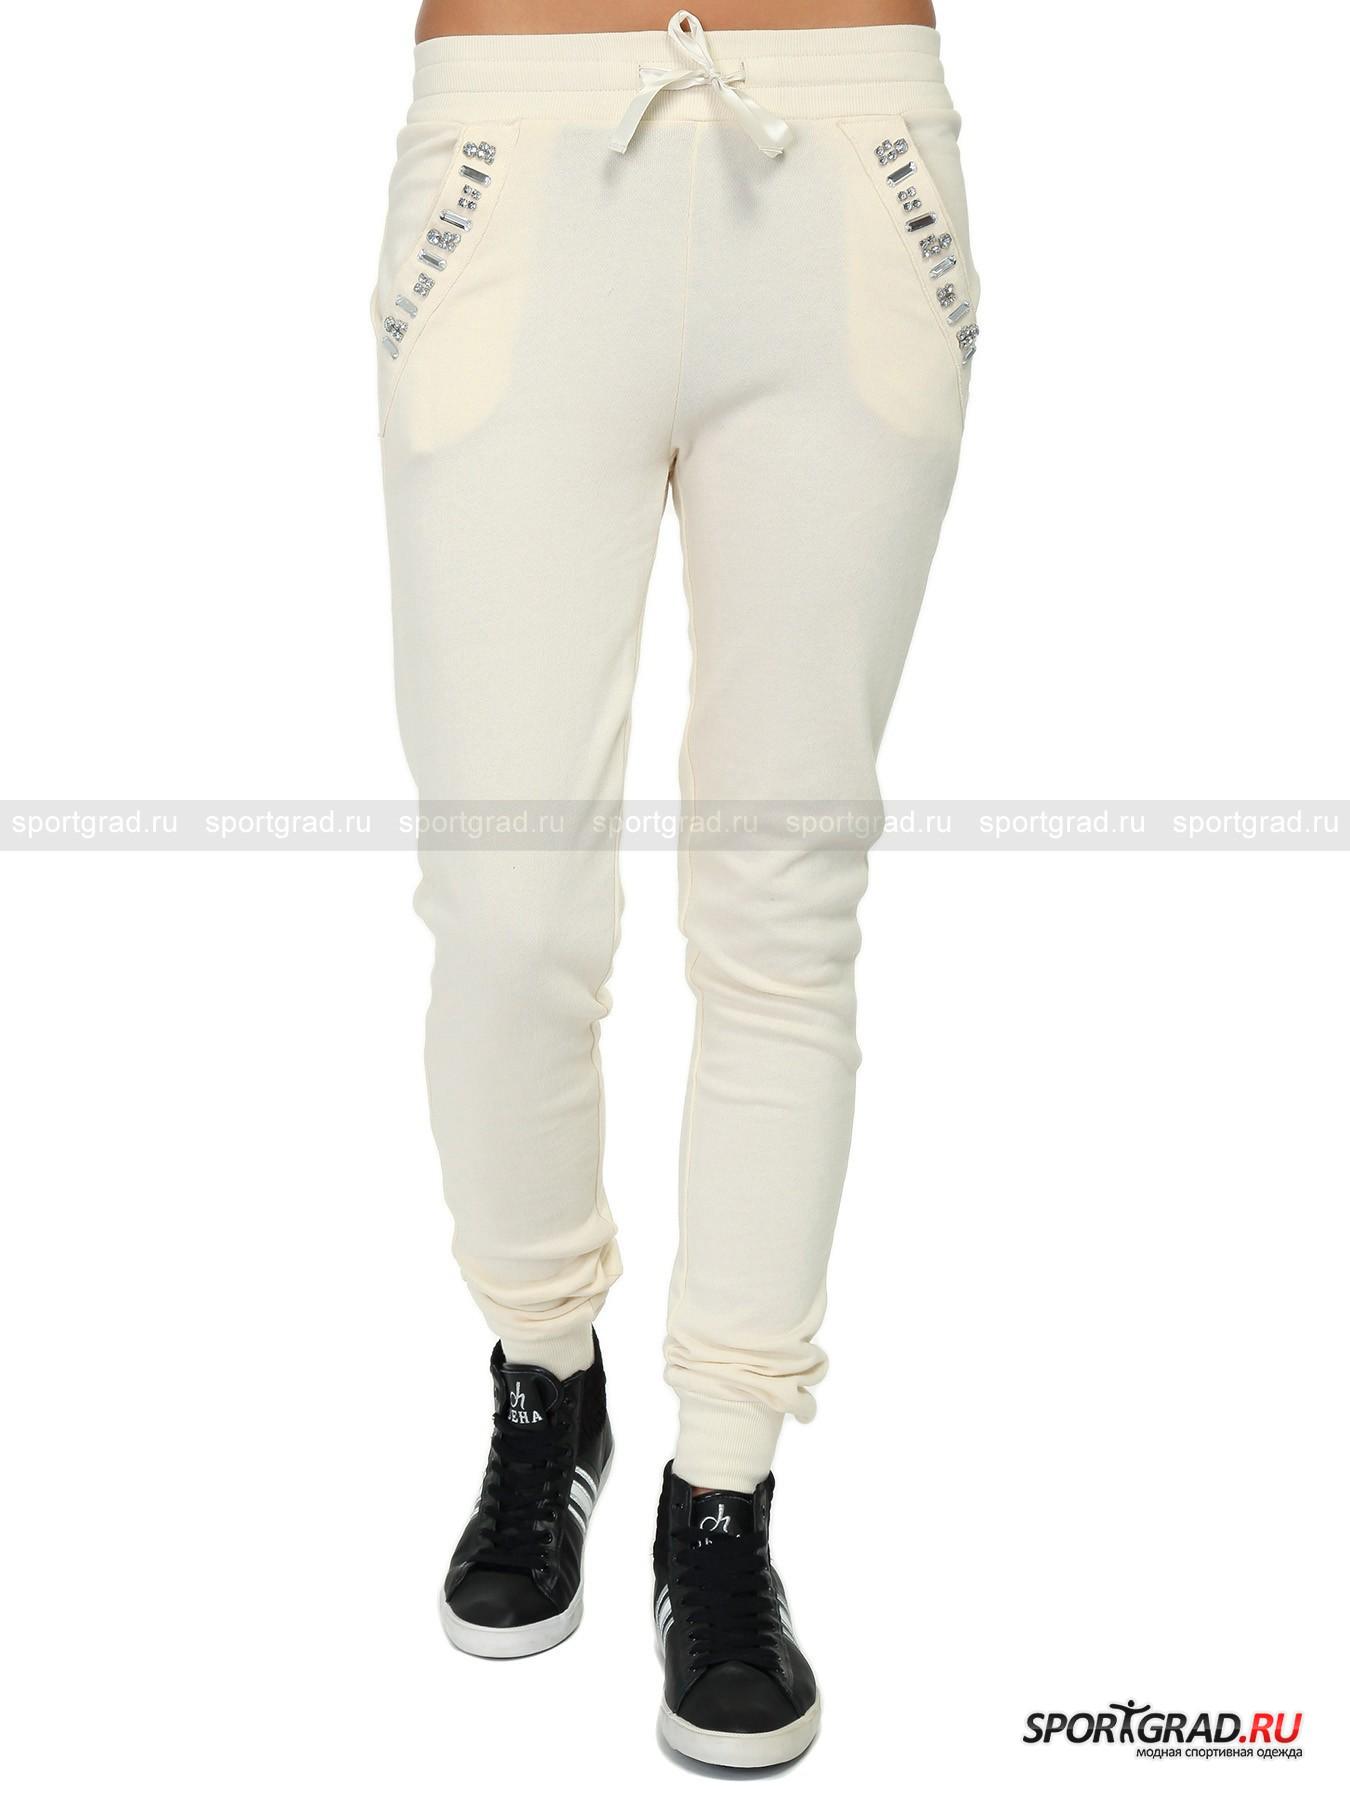 Брюки женские спортивные Pants DEHA со стразамиБрюки<br>Шикарные спортивные брюки Pants DEHA – модель для тех девушек, которые привыкли даже на пробежке или на занятии в спортивном зале выглядеть роскошно. Брюки смотрятся празднично благодаря узору из крупных страз, вышитому на прорезных карманах. Пояс регулируется с помощью красивой глянцевой ленты, кокетка обеспечивает комфортную посадку на бедрах. Штанины имеют зауженный крой, подчеркивающий стройность ваших ног, и заканчиваются трикотажными манжетами, которые плотно обхватывают щиколотки для большего удобства во время занятий.<br><br>Пол: Женский<br>Возраст: Взрослый<br>Тип: Брюки<br>Рекомендации по уходу: стирка в теплой воде до 30 С; не отбеливать; гладить слегка нагретым утюгом (температура до 120 C); только сухая чистка; нельзя выжимать и сушить в стиральной машине<br>Состав: 100% хлопок